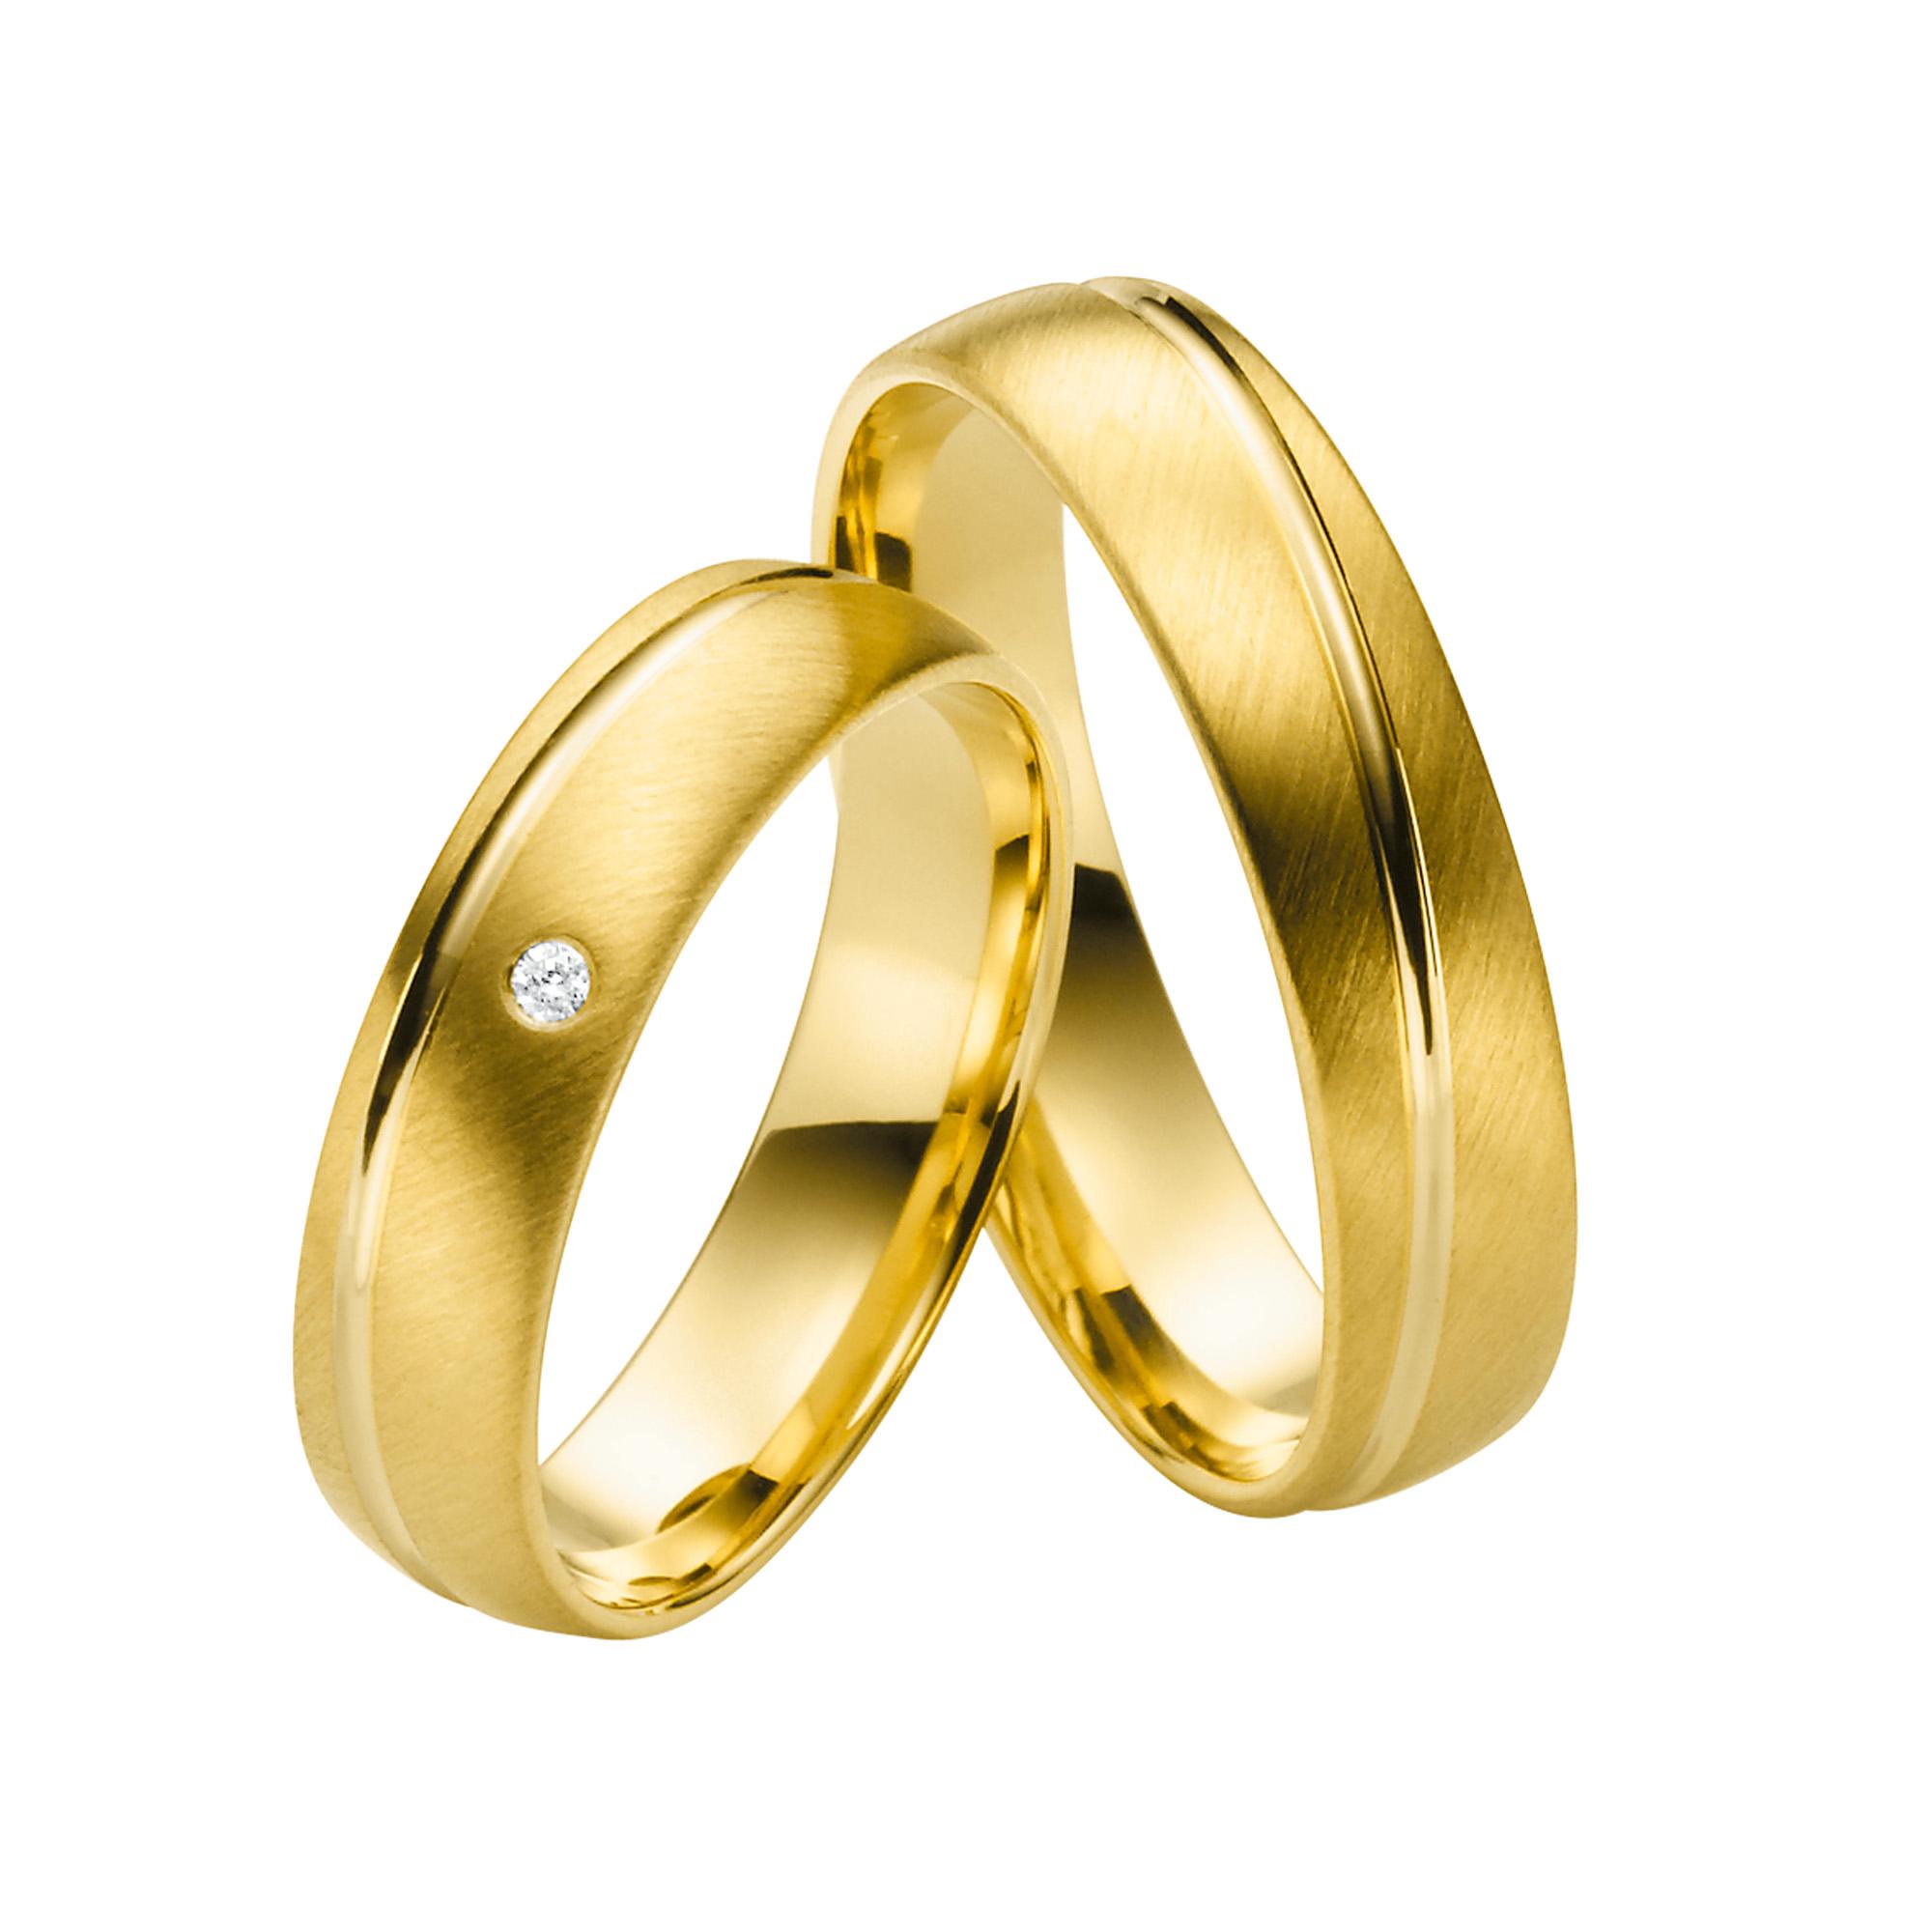 Juwelier Kraemer – Trauring Gold mit Brillant MEMPHIS – 52 mm